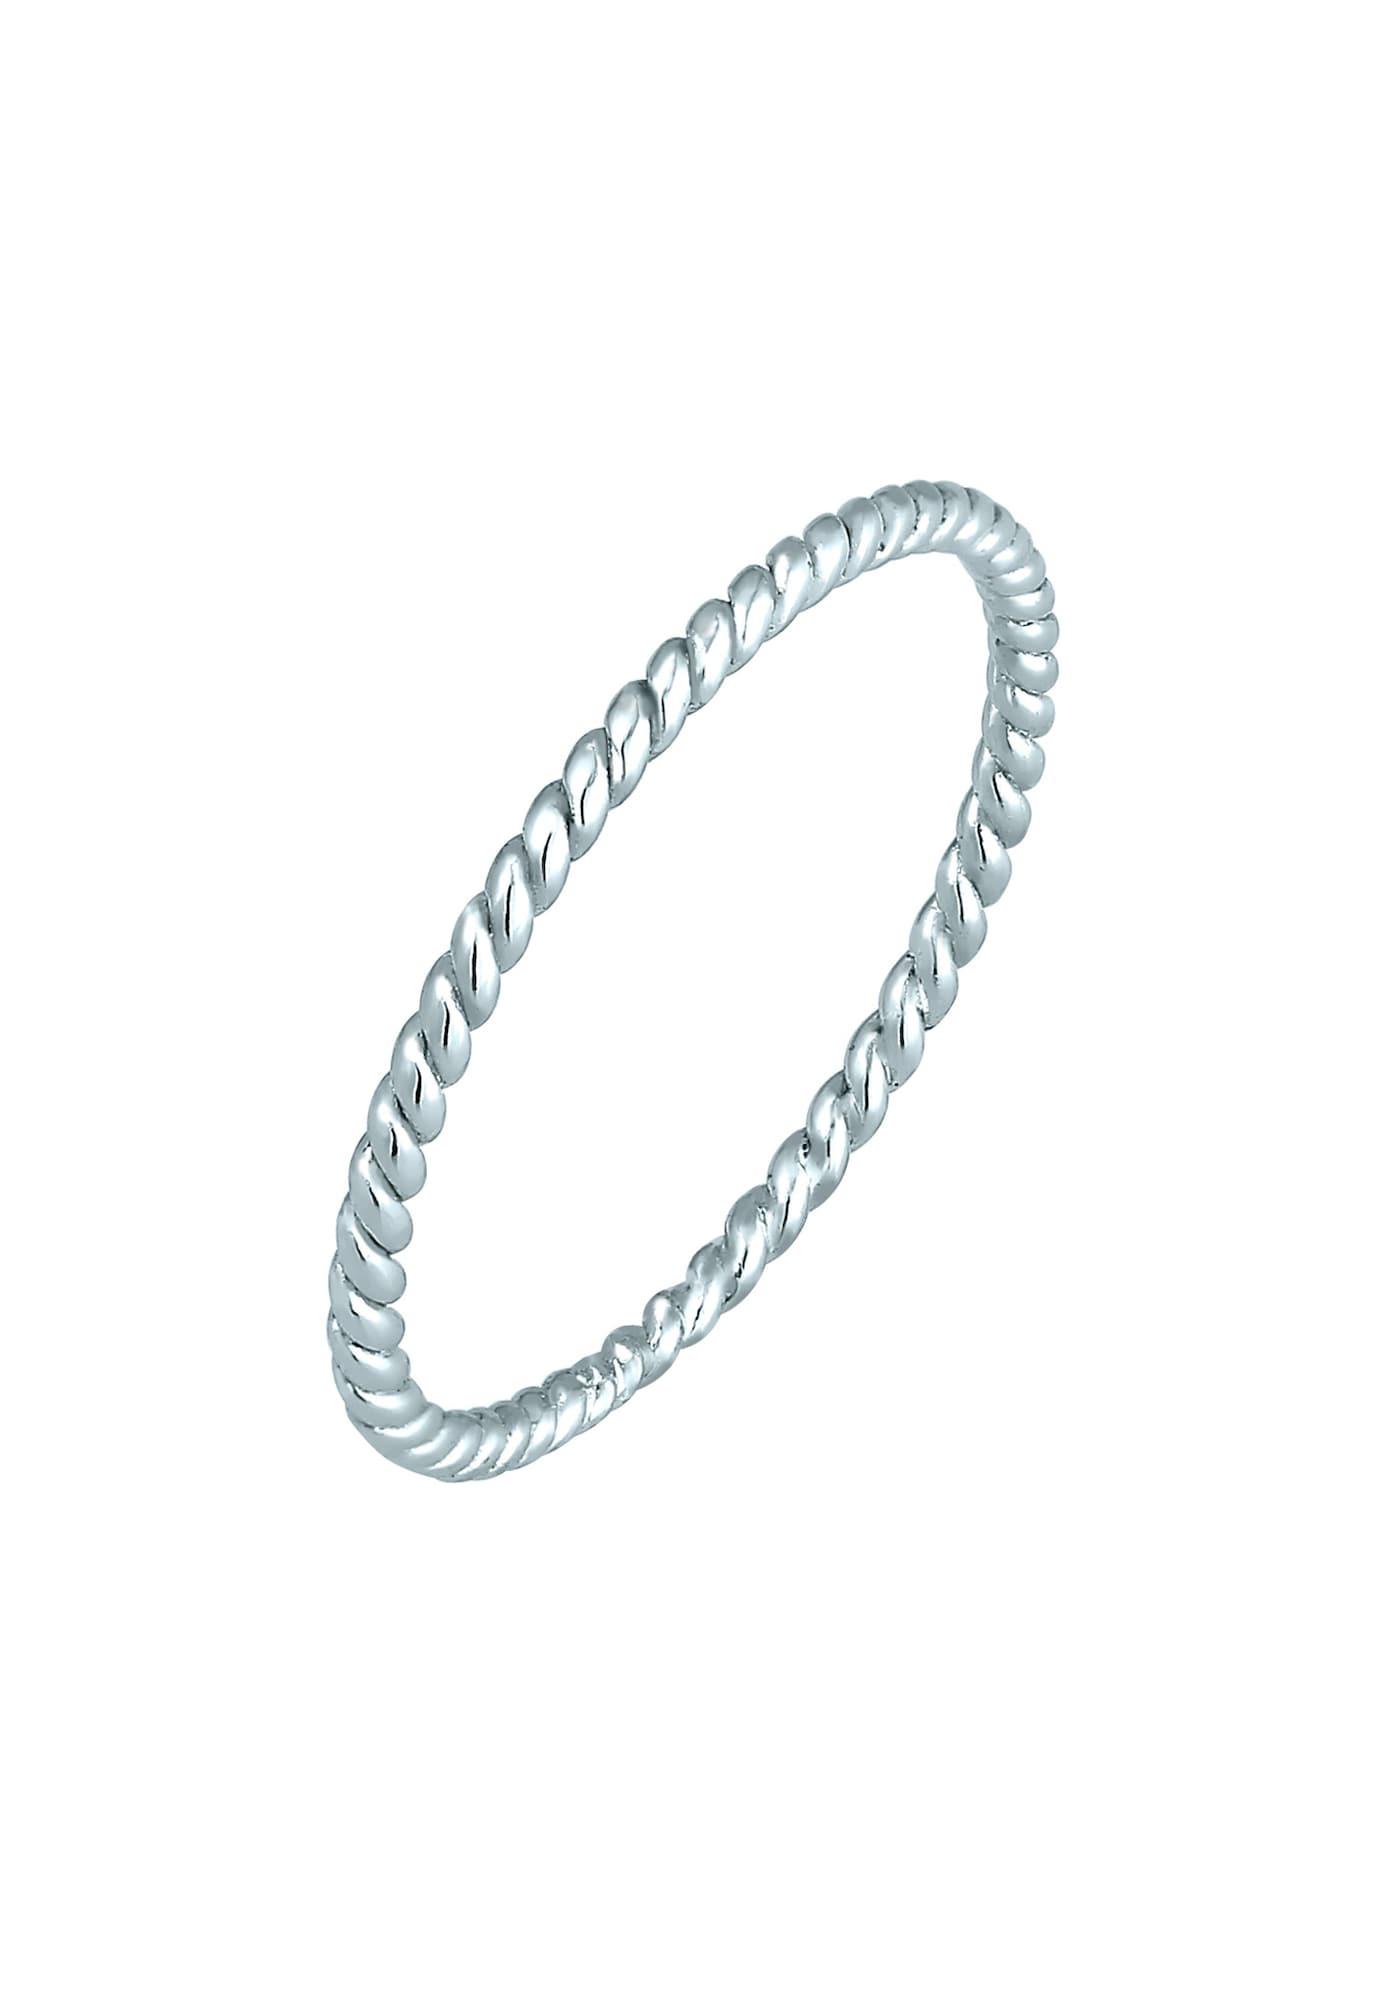 Damen ELLI PREMIUM Ring Geo, Twisted weiß | 04050878587444